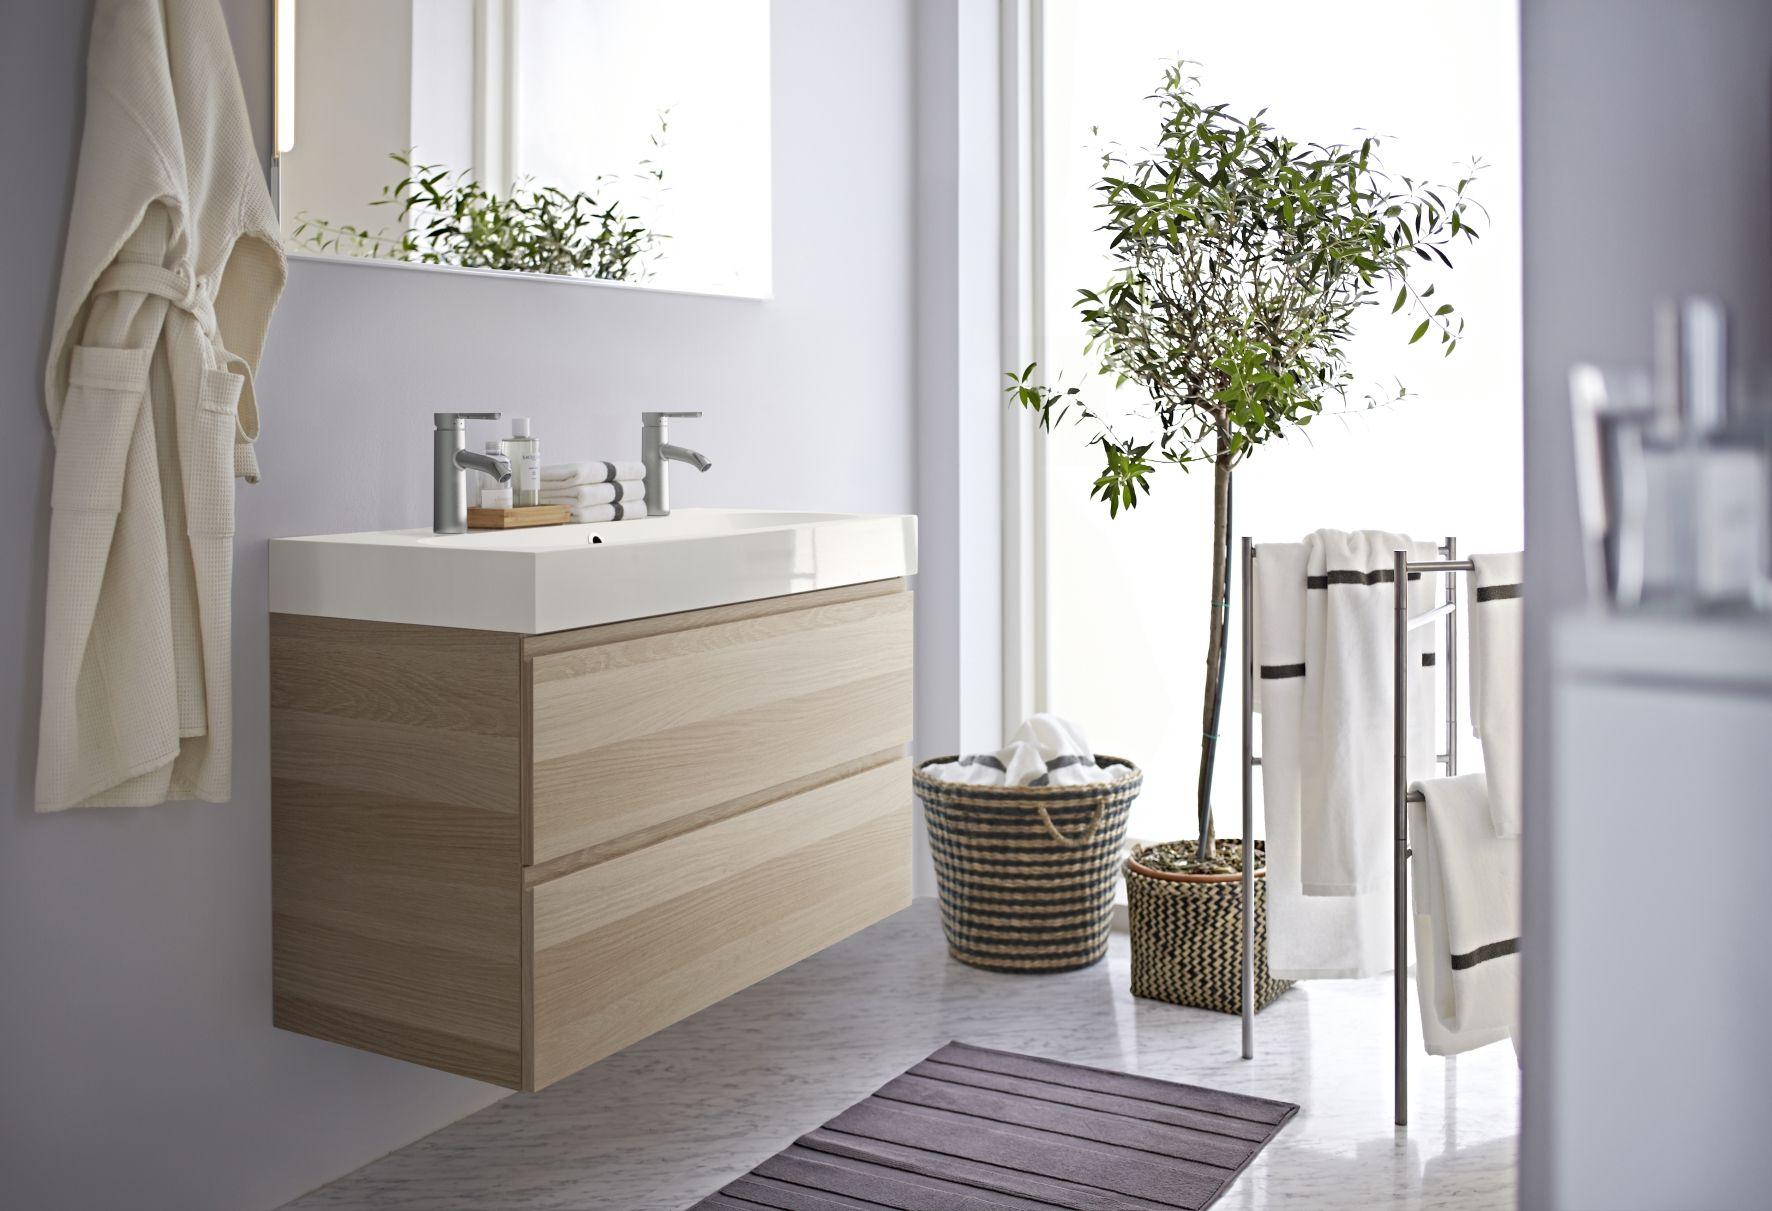 Godmorgon Badkamer Ikea : Godmorgon wastafelkast ikea badkamer opberger ikea